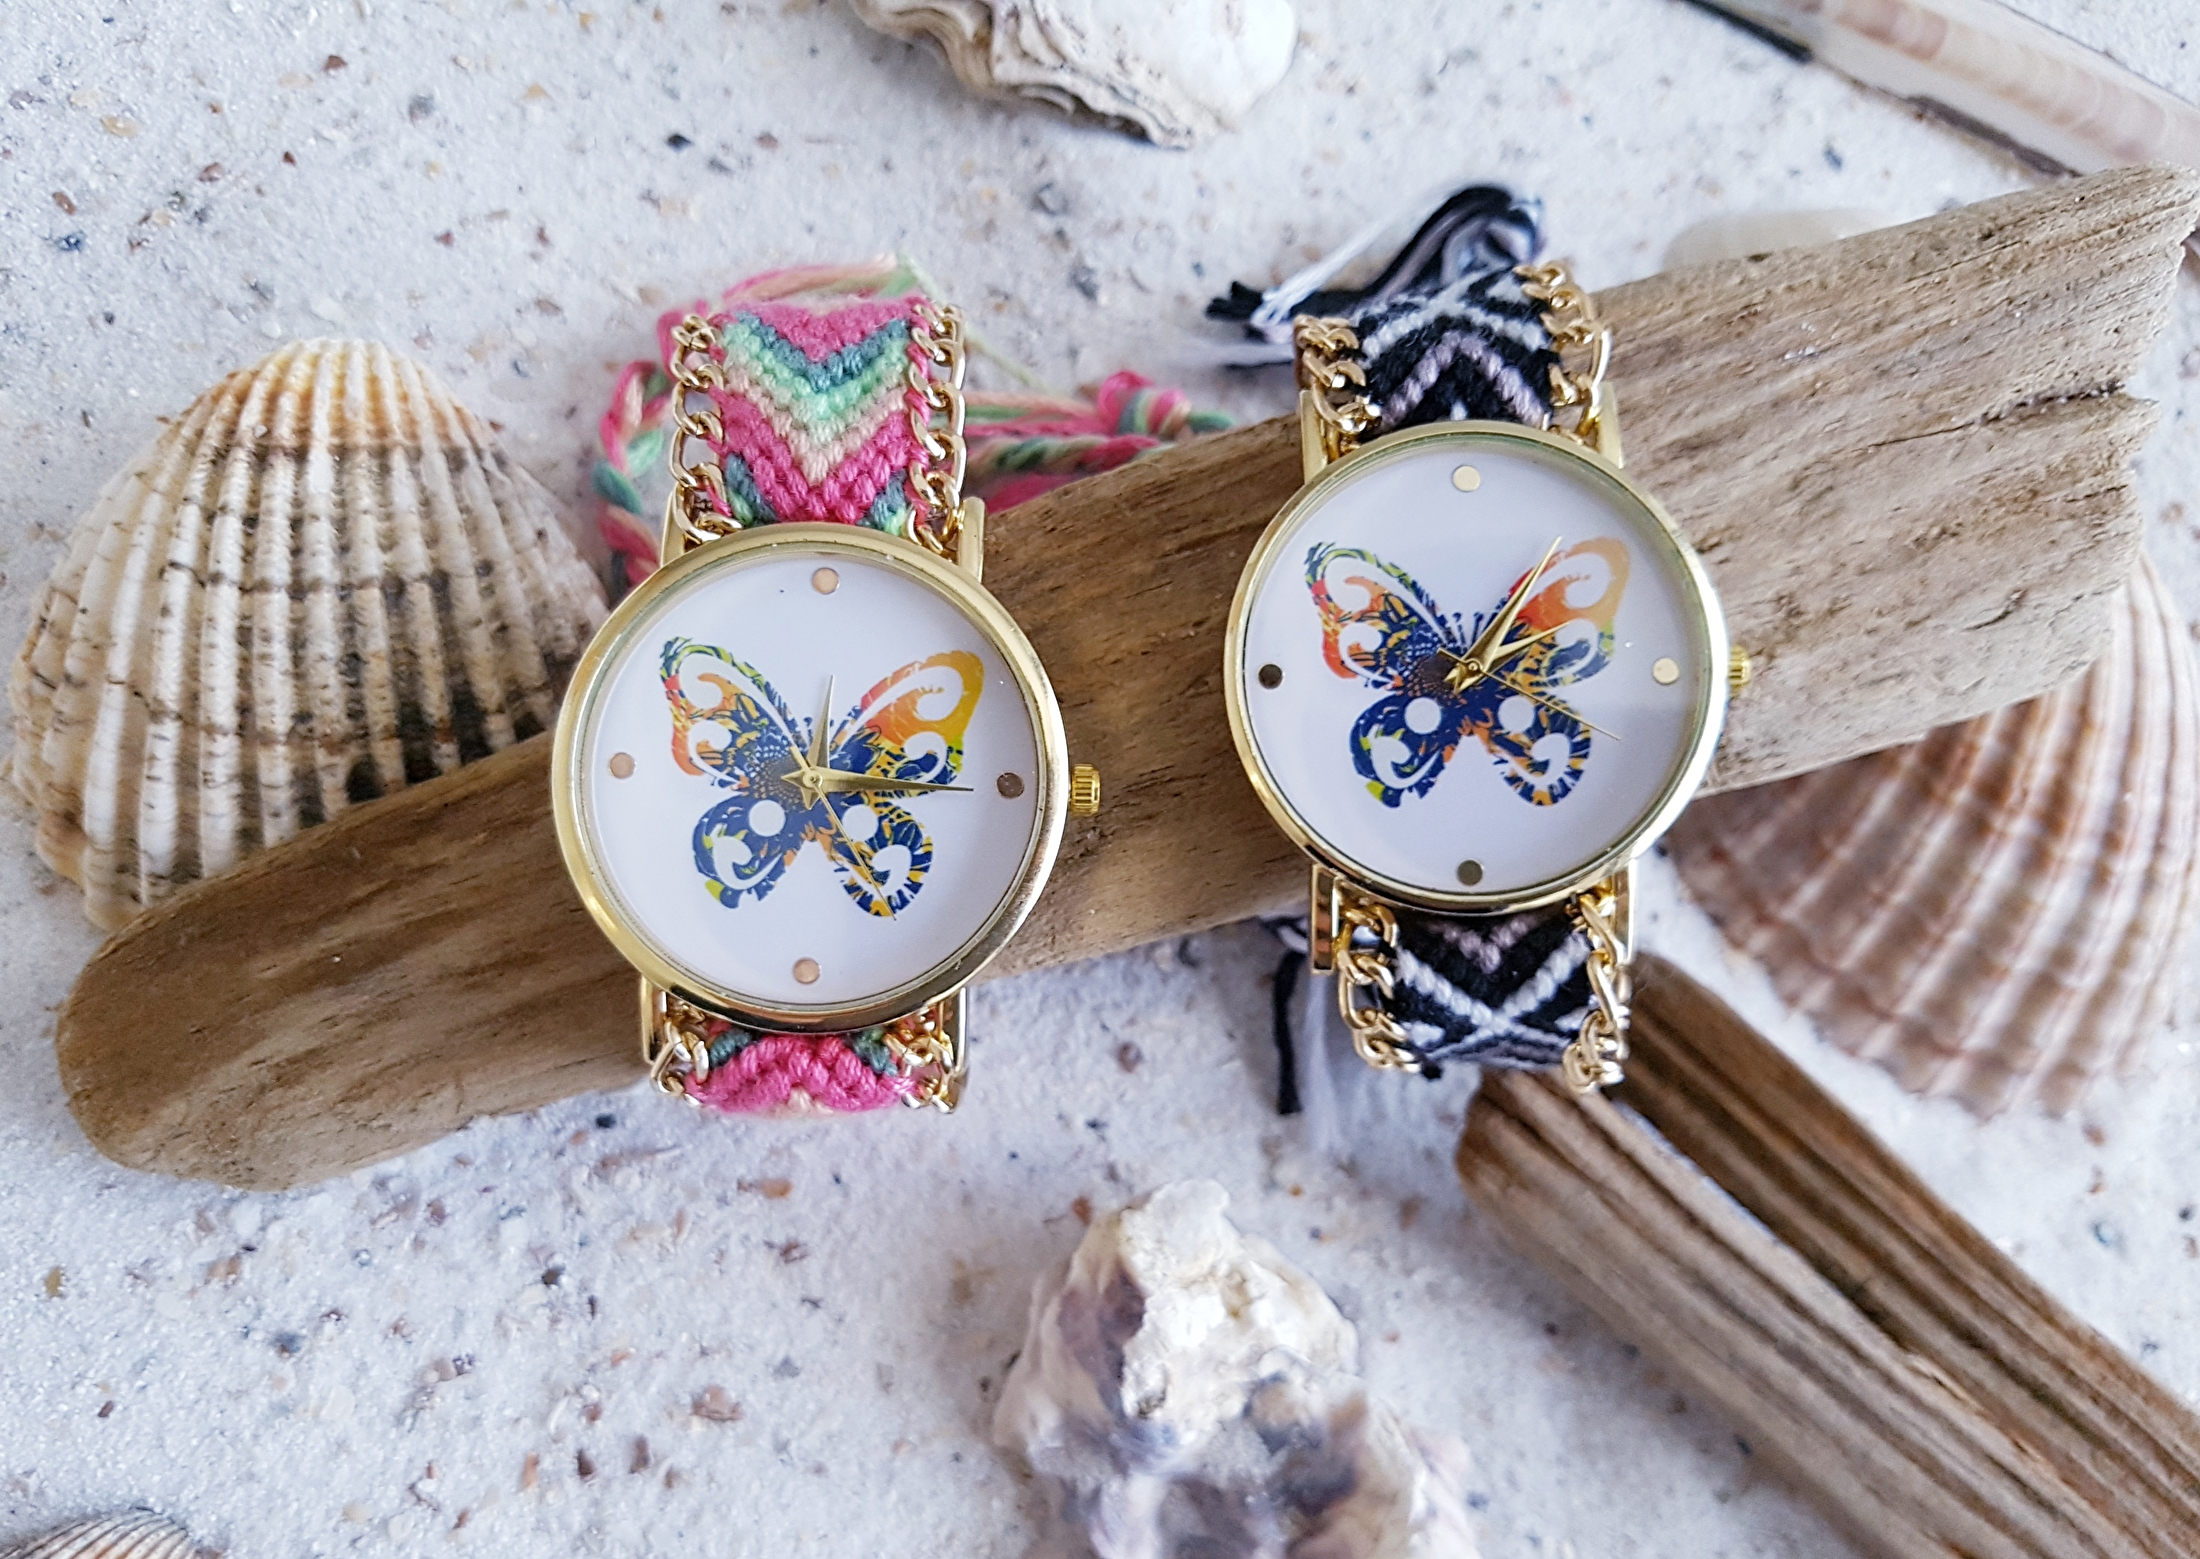 Butterfly watch